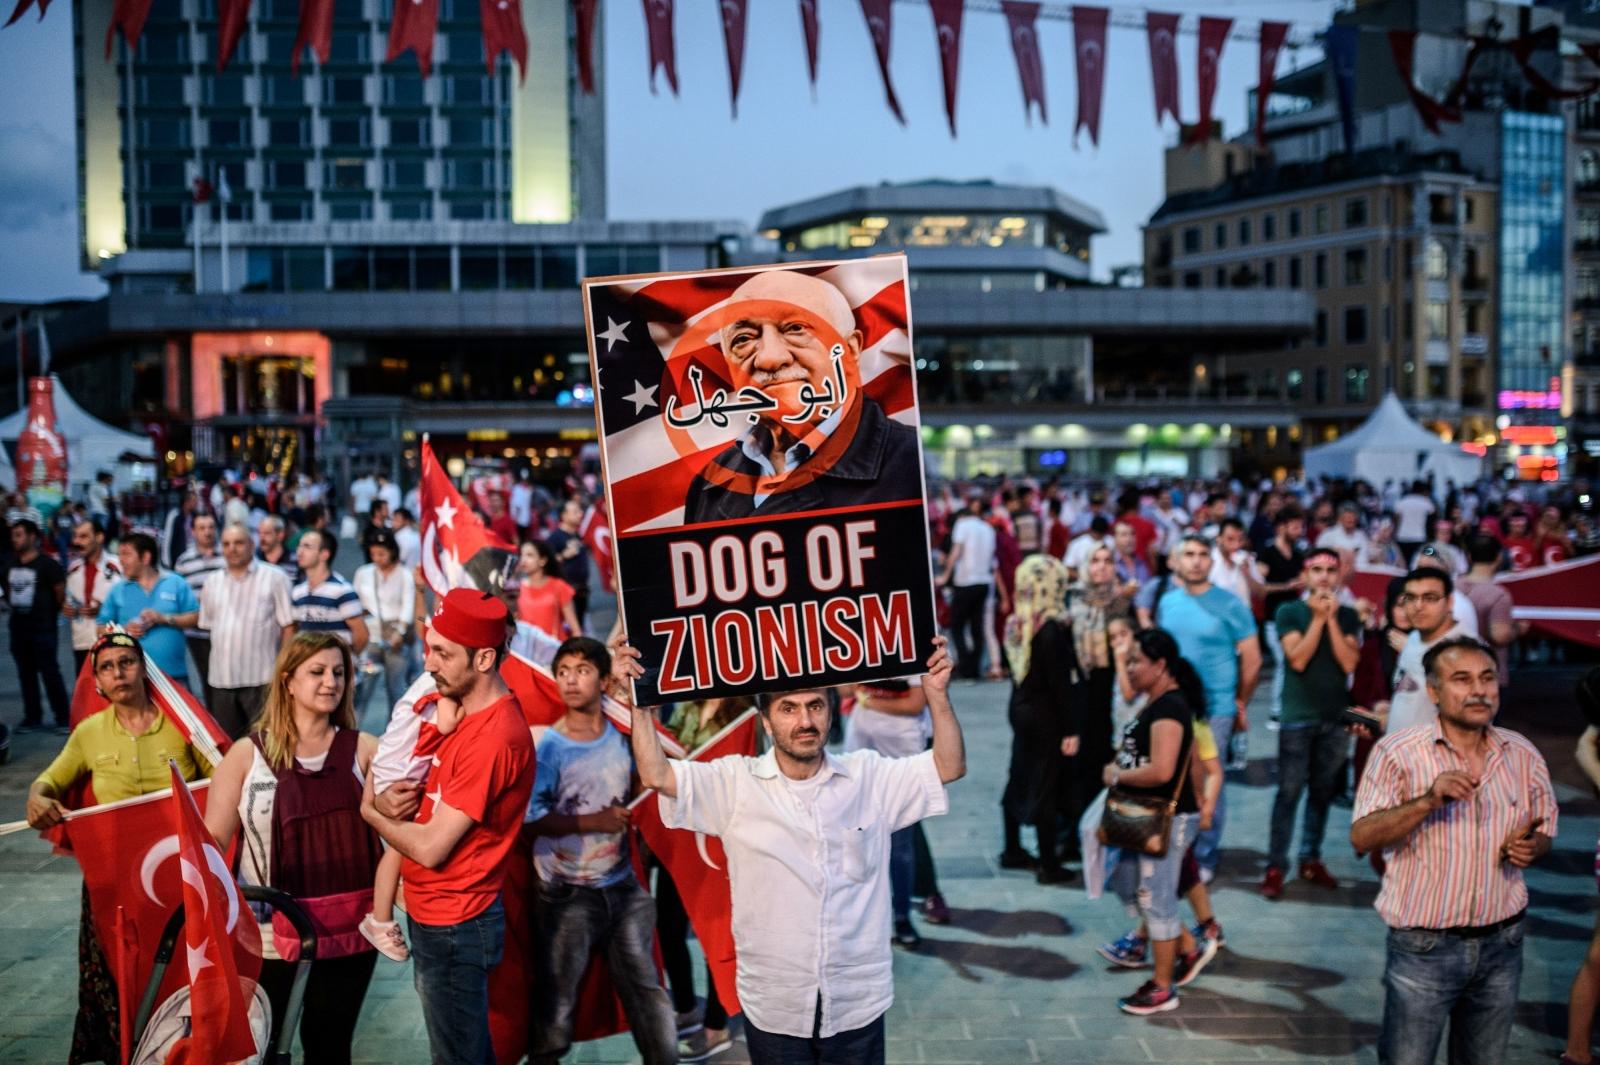 erdogan-supporters-protest-fethullah-gulen.jpg